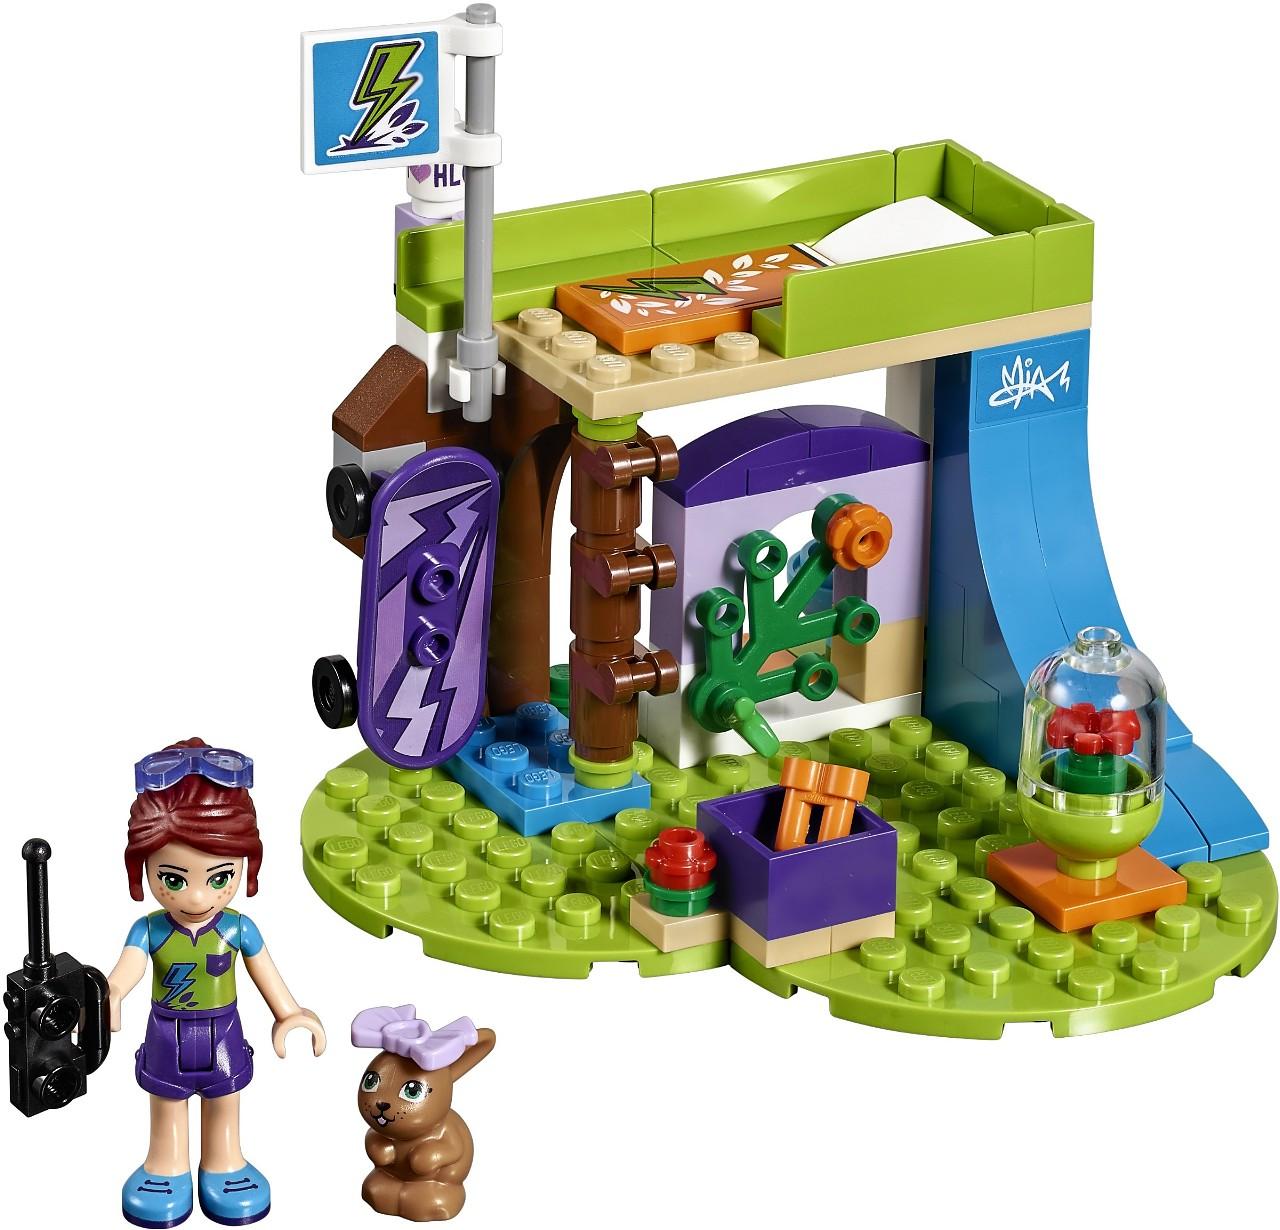 Heartlake Times 2014 Lego Friends Sets: Heartlake Times